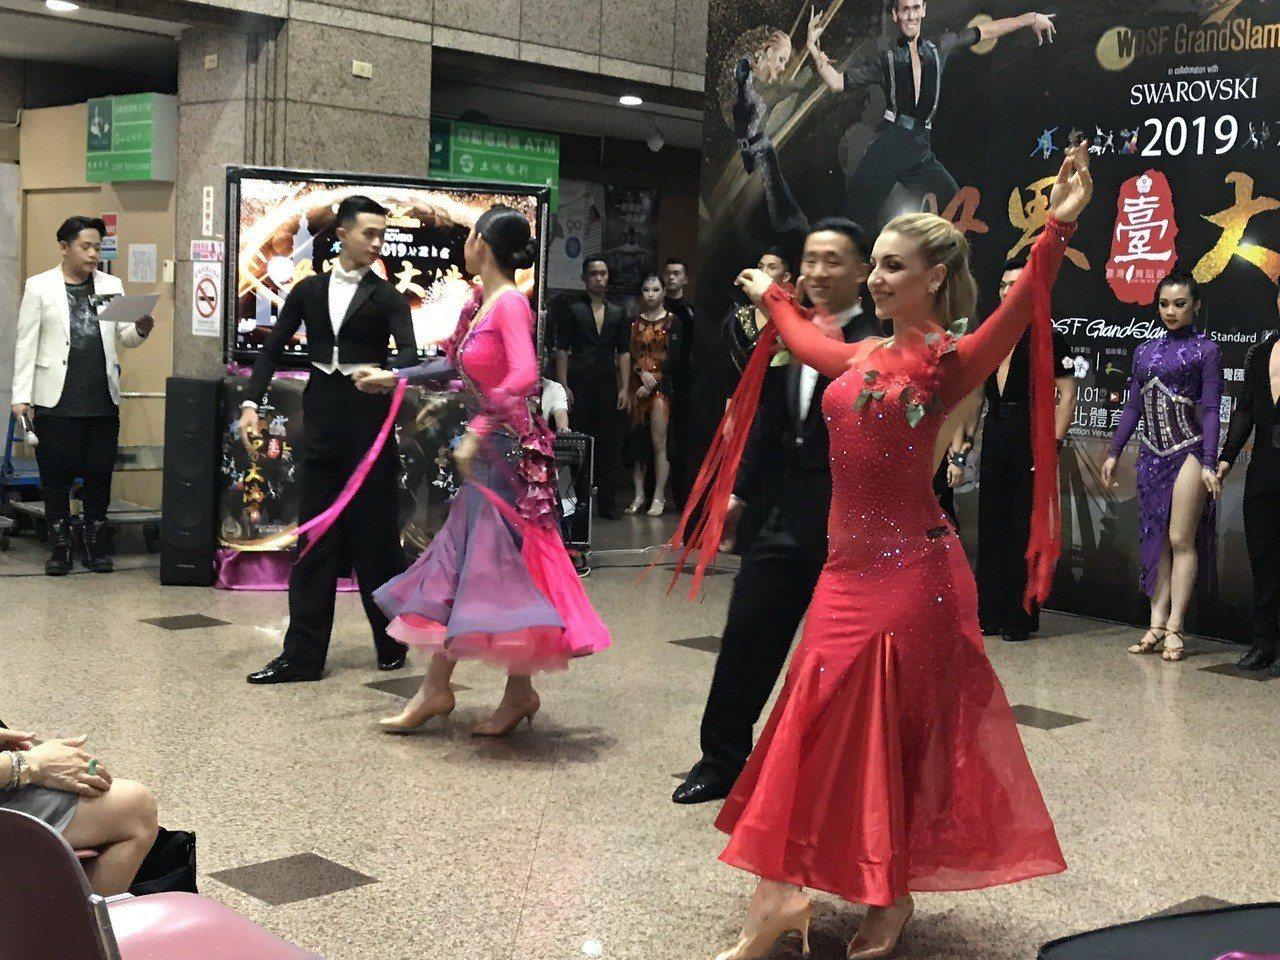 2019年WDSF台灣舞蹈節世界大滿貫積分賽本周末在紅館舉行。記者毛琬婷/攝影